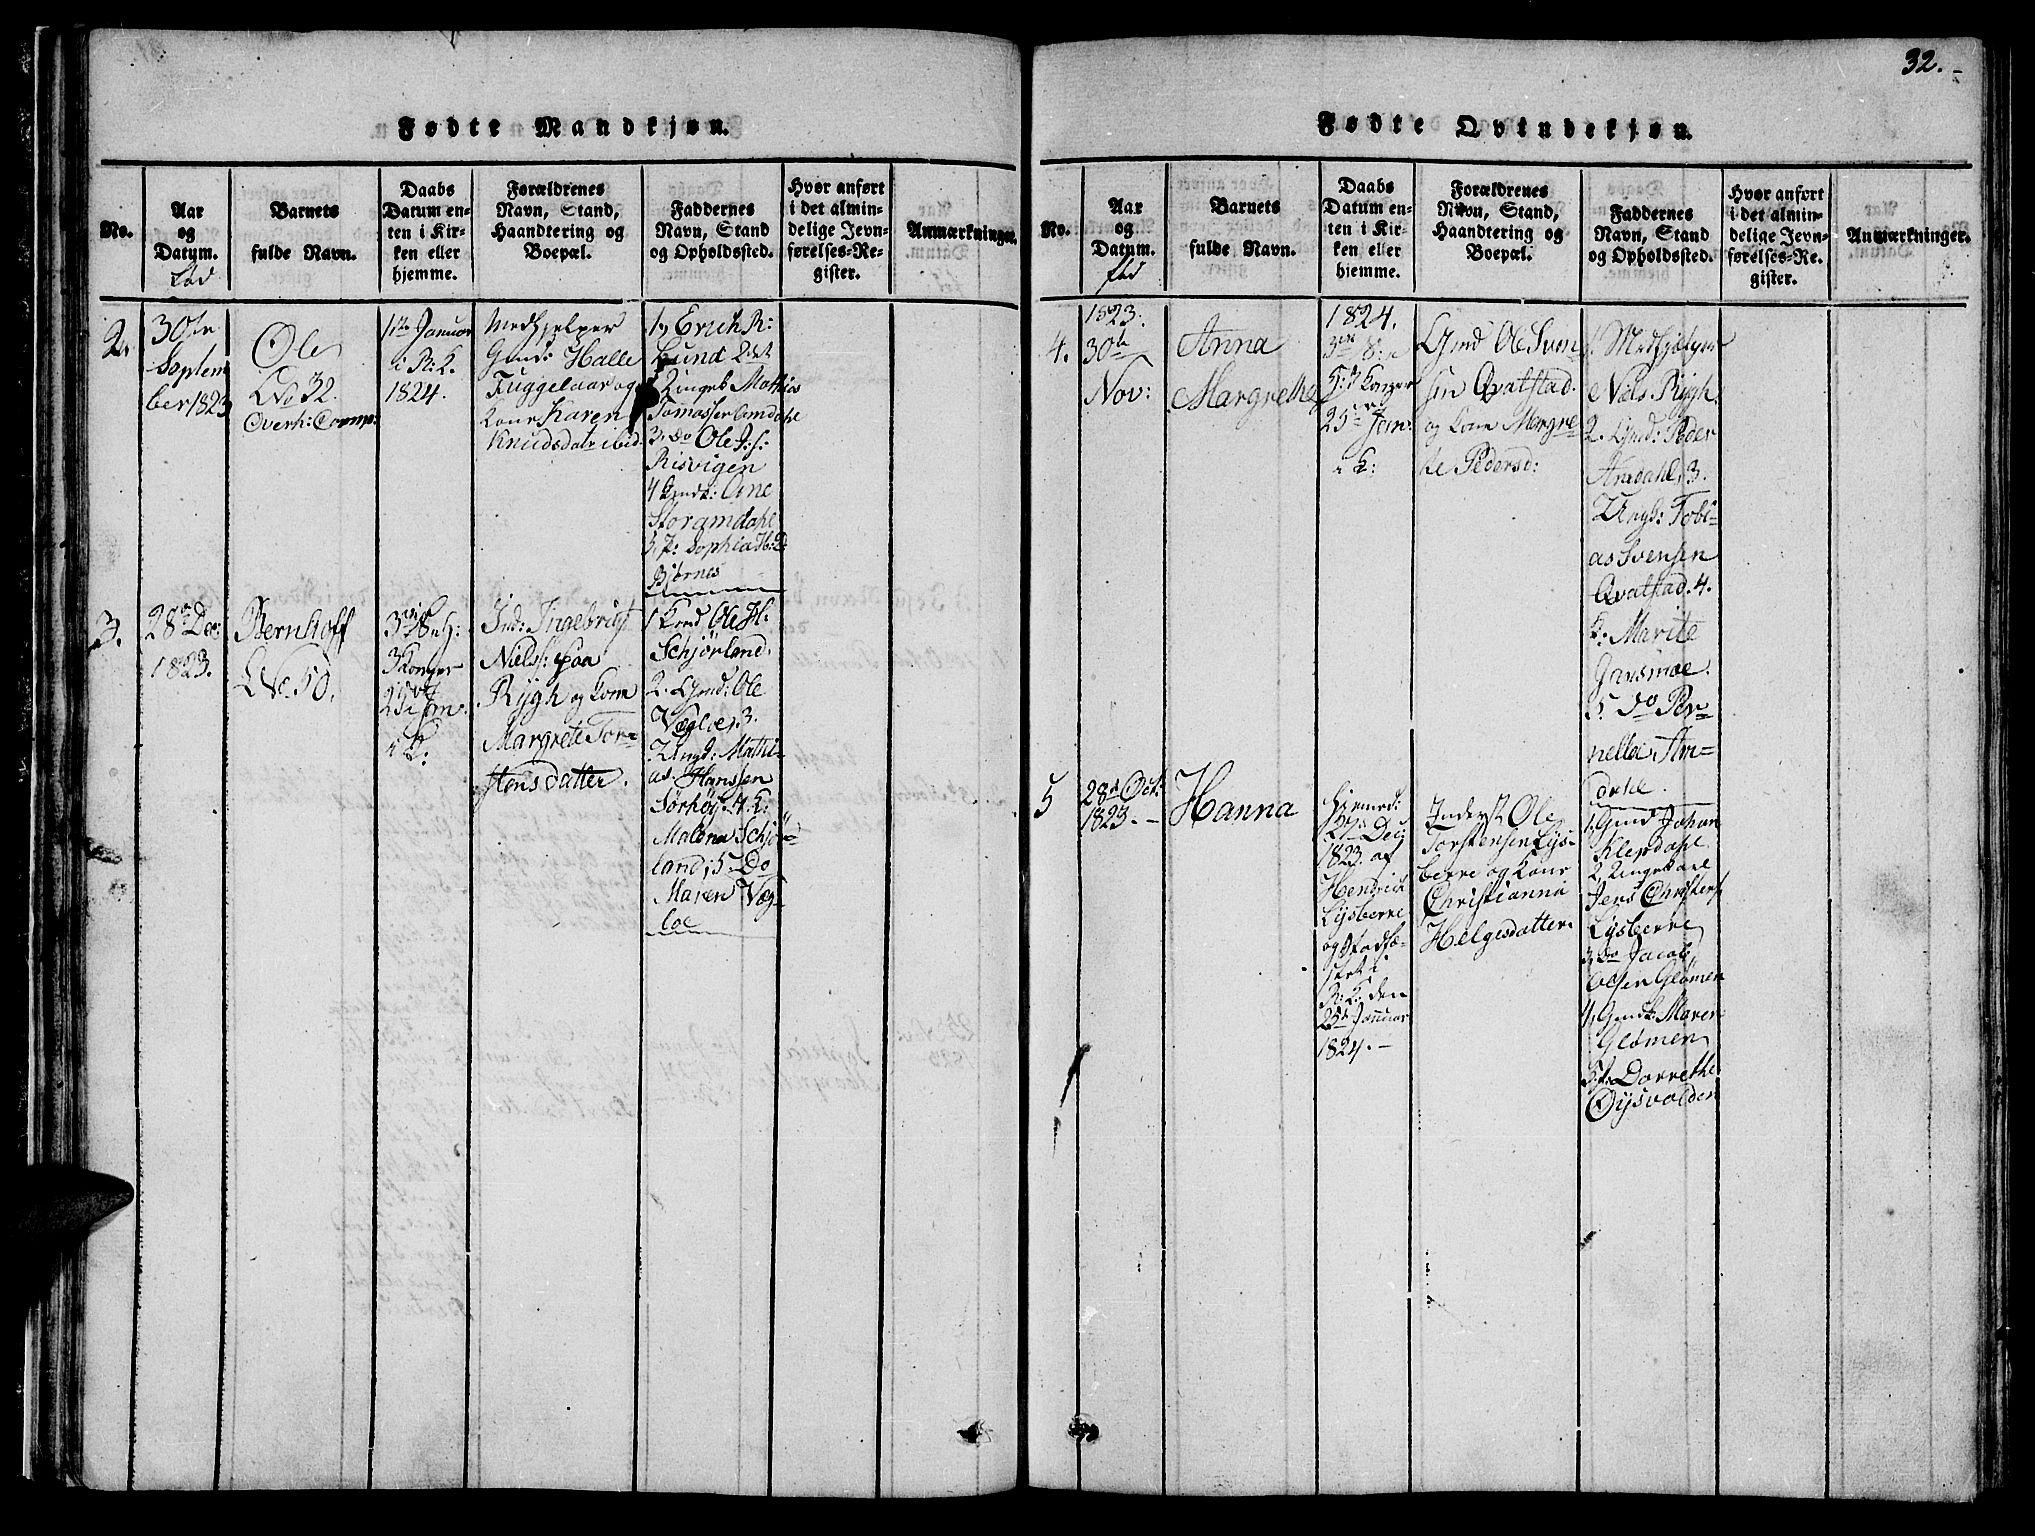 SAT, Ministerialprotokoller, klokkerbøker og fødselsregistre - Nord-Trøndelag, 764/L0559: Klokkerbok nr. 764C01, 1816-1824, s. 32